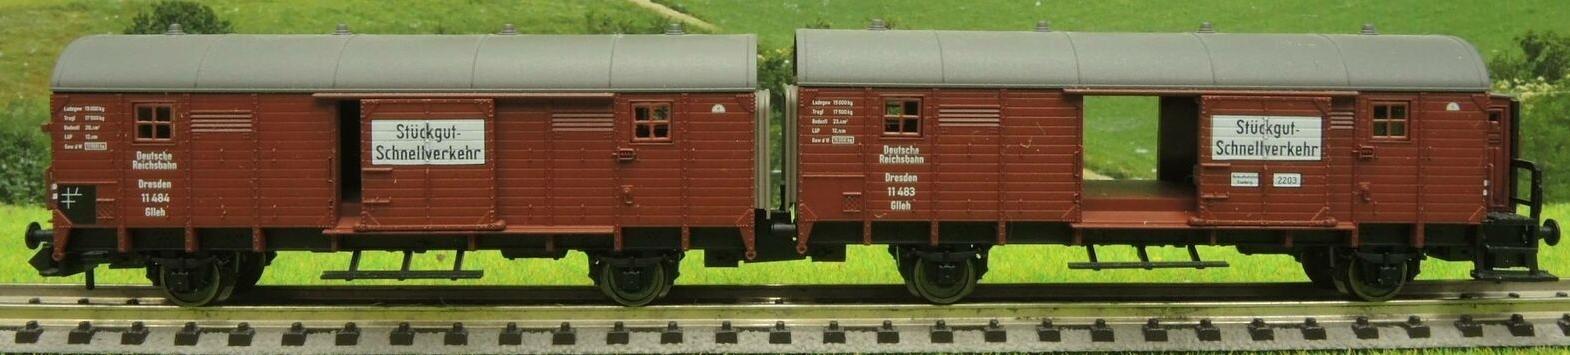 DB zwei G/üterwagen der Bauart Gllh 12 Fleischmann 830603 Leig-Wageneinheit